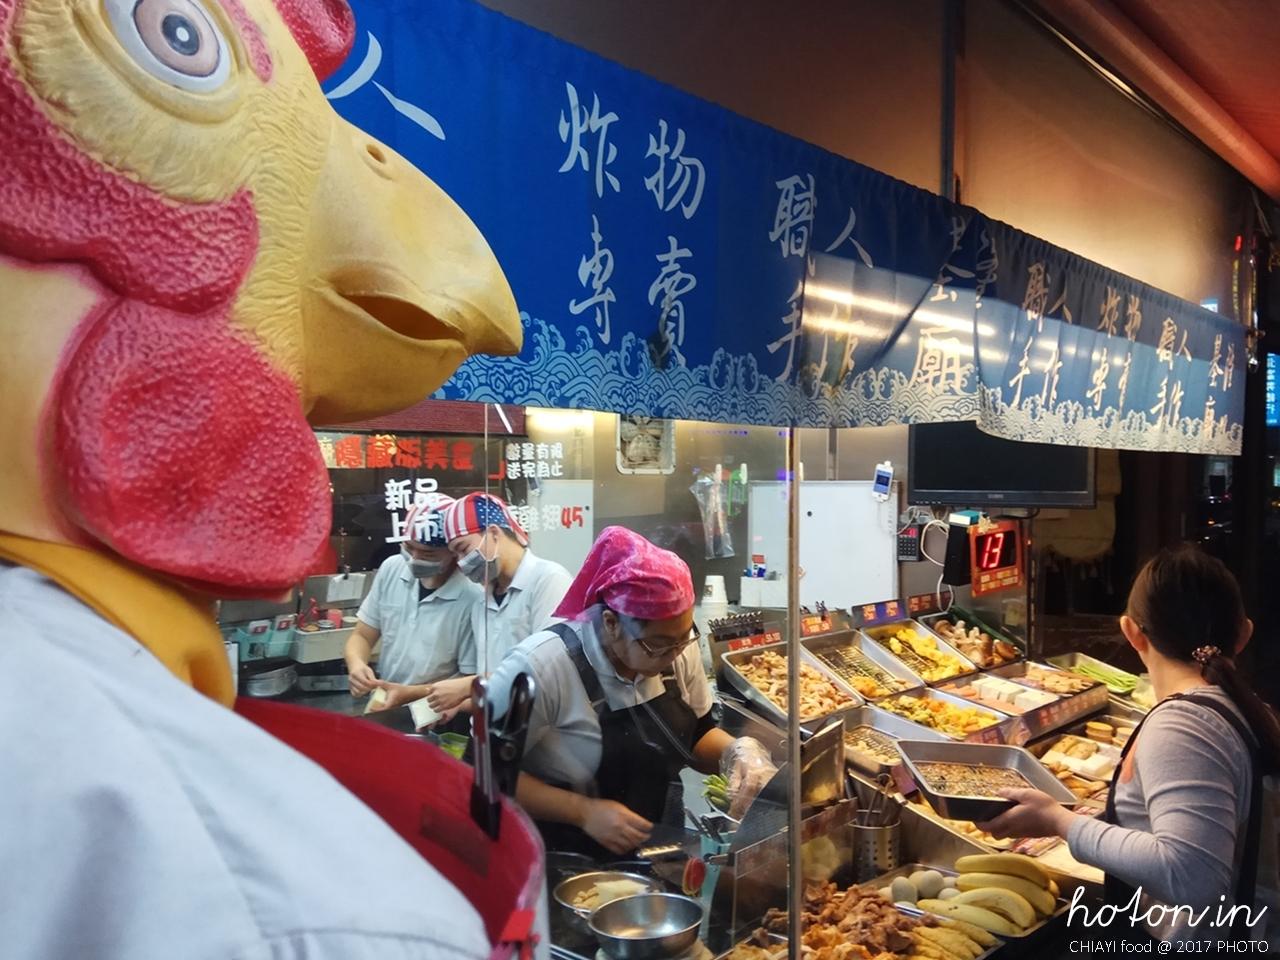 【嘉義食記】嘉義基隆廟口鹽酥雞.食材創新裝潢與眾不同的鹽酥雞攤